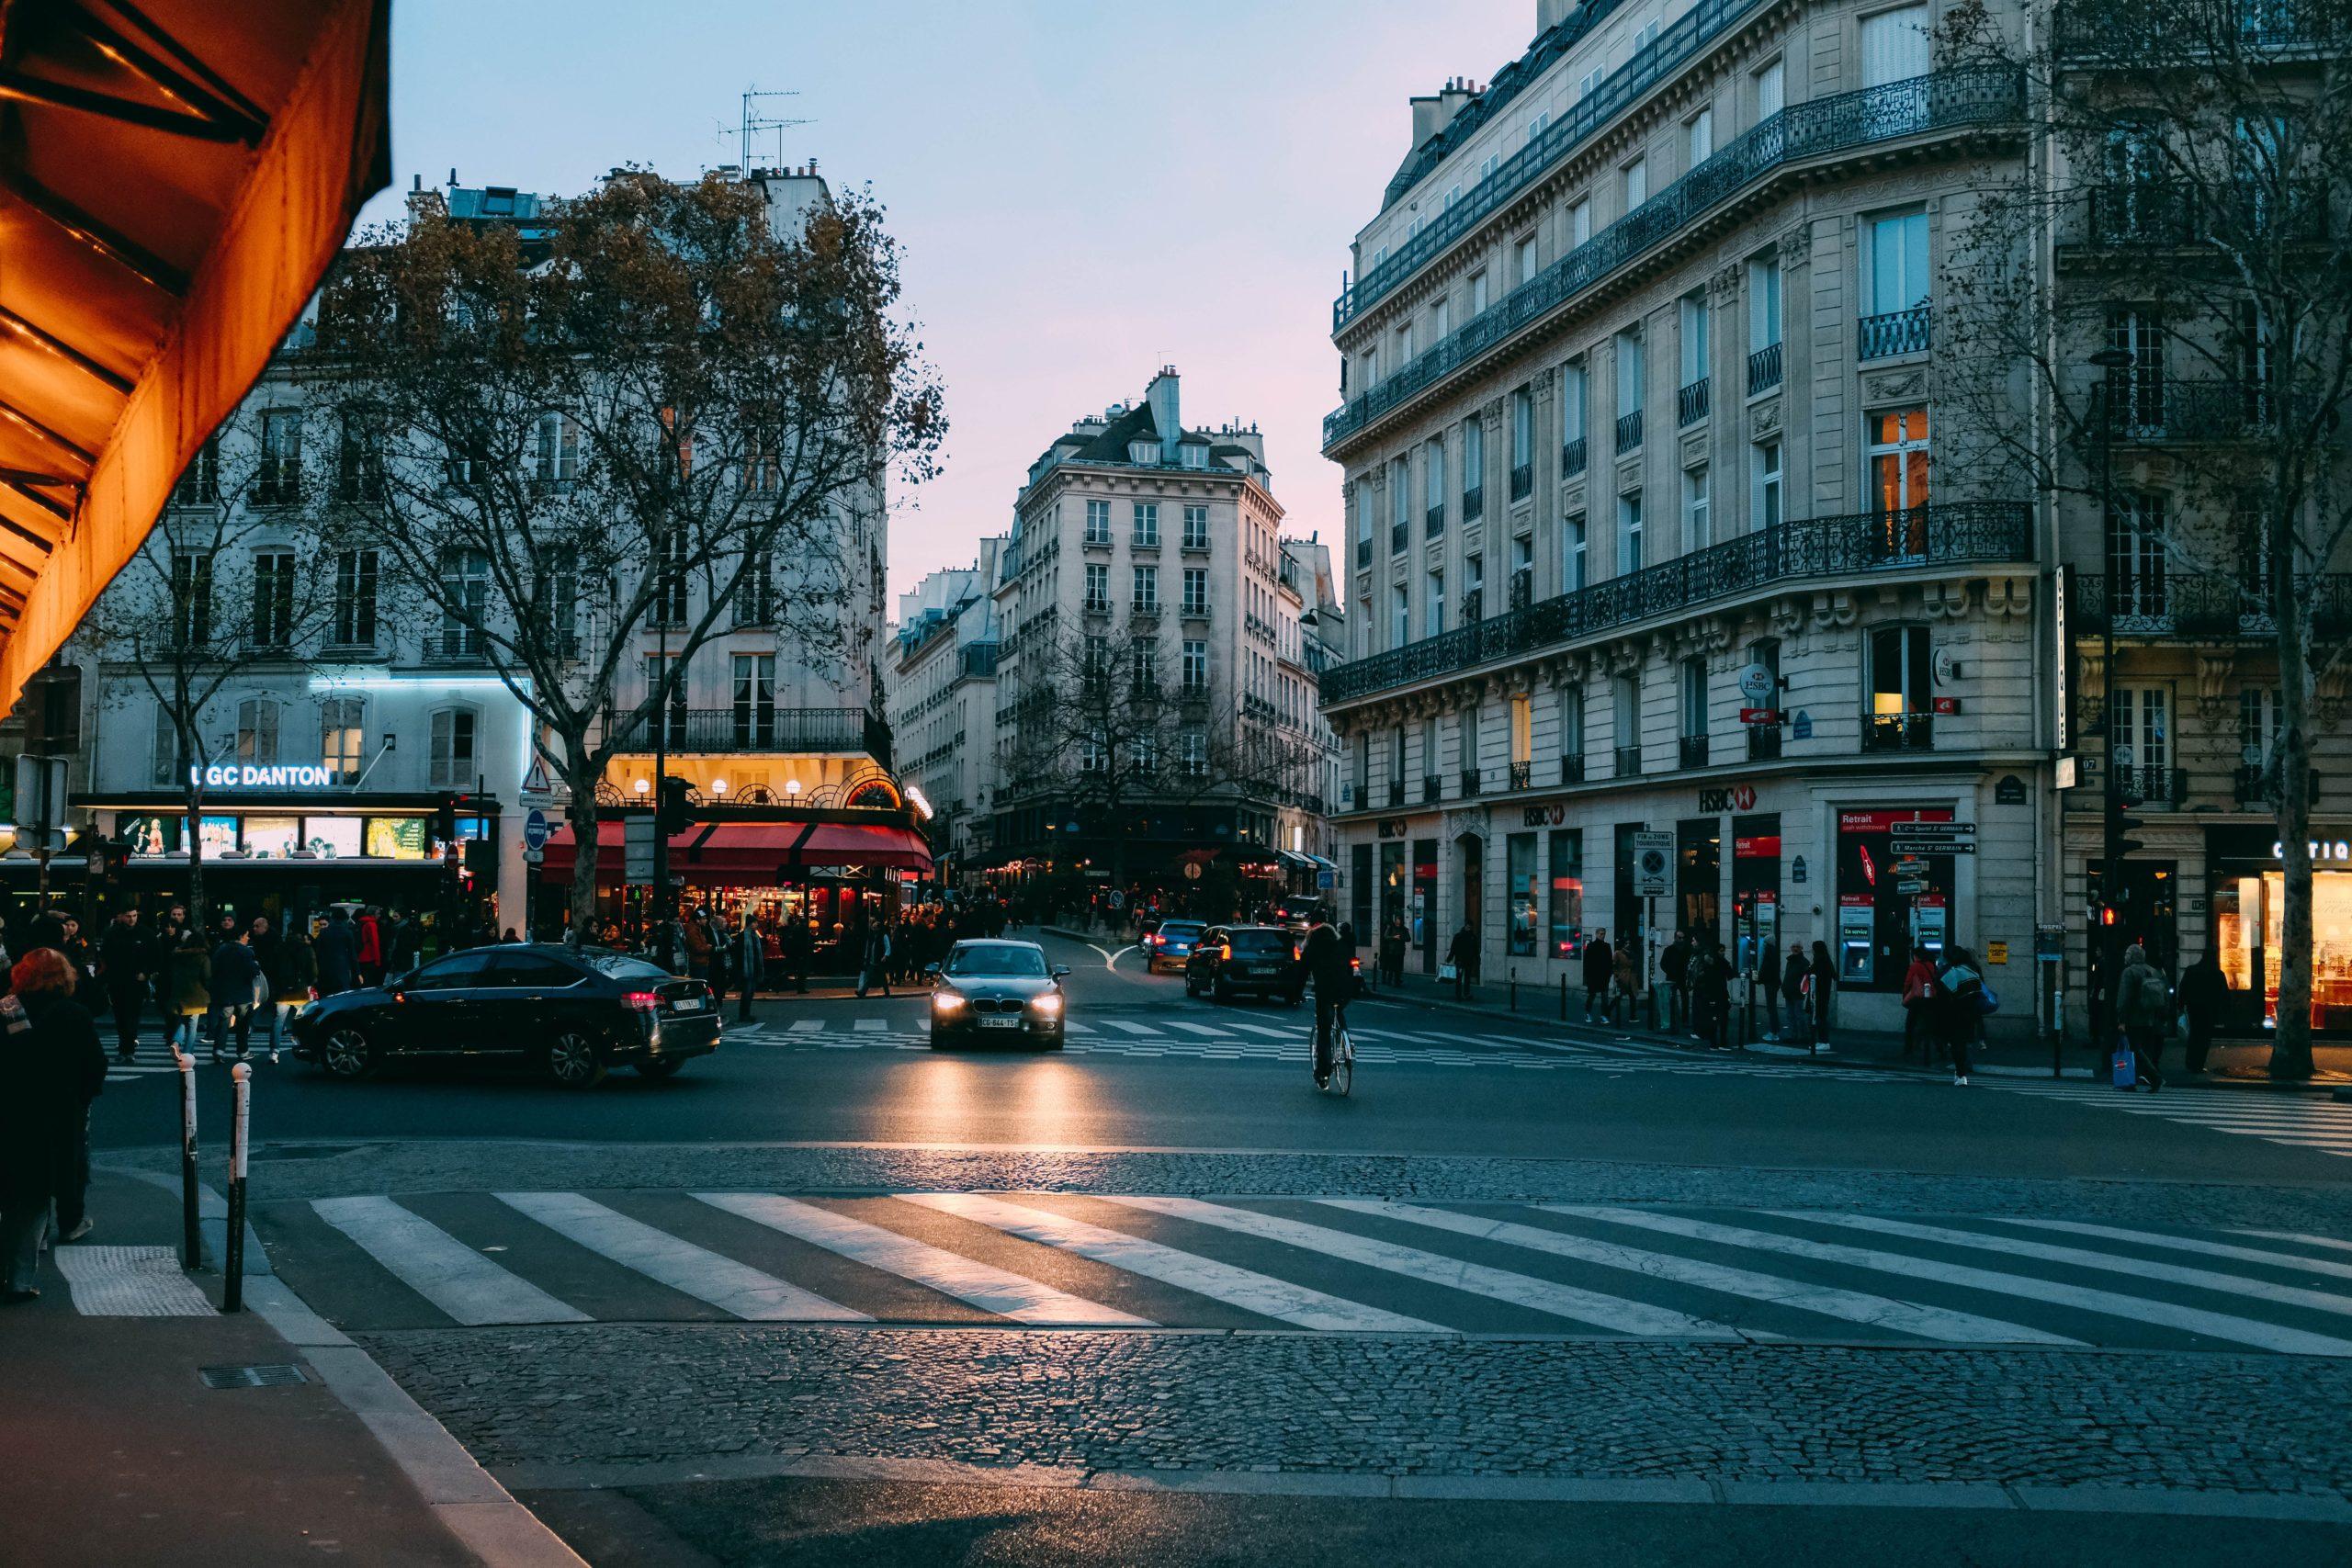 sejour parisien hotel luxe